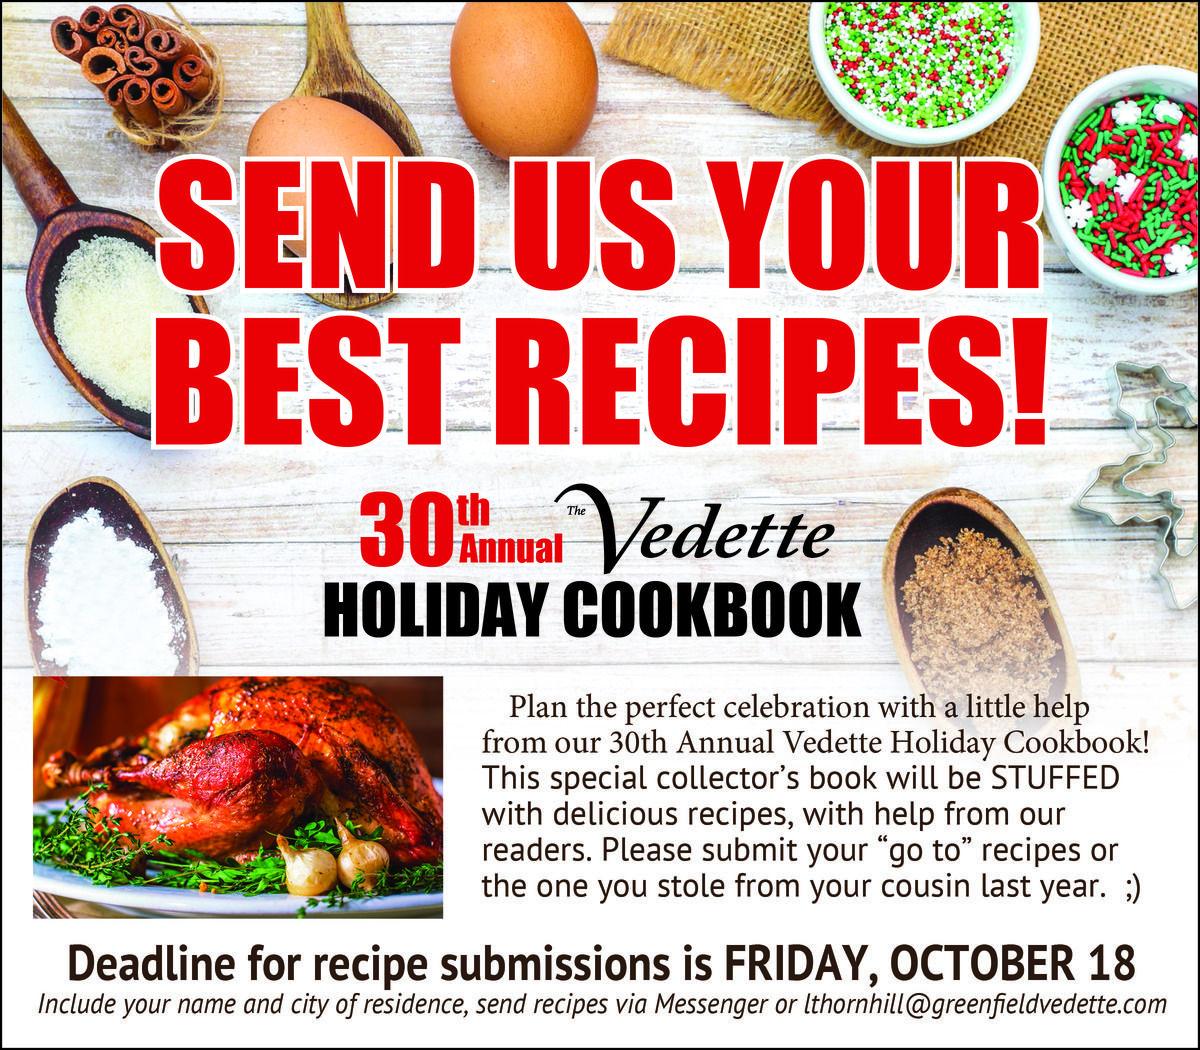 Cookbook Call for Recipes